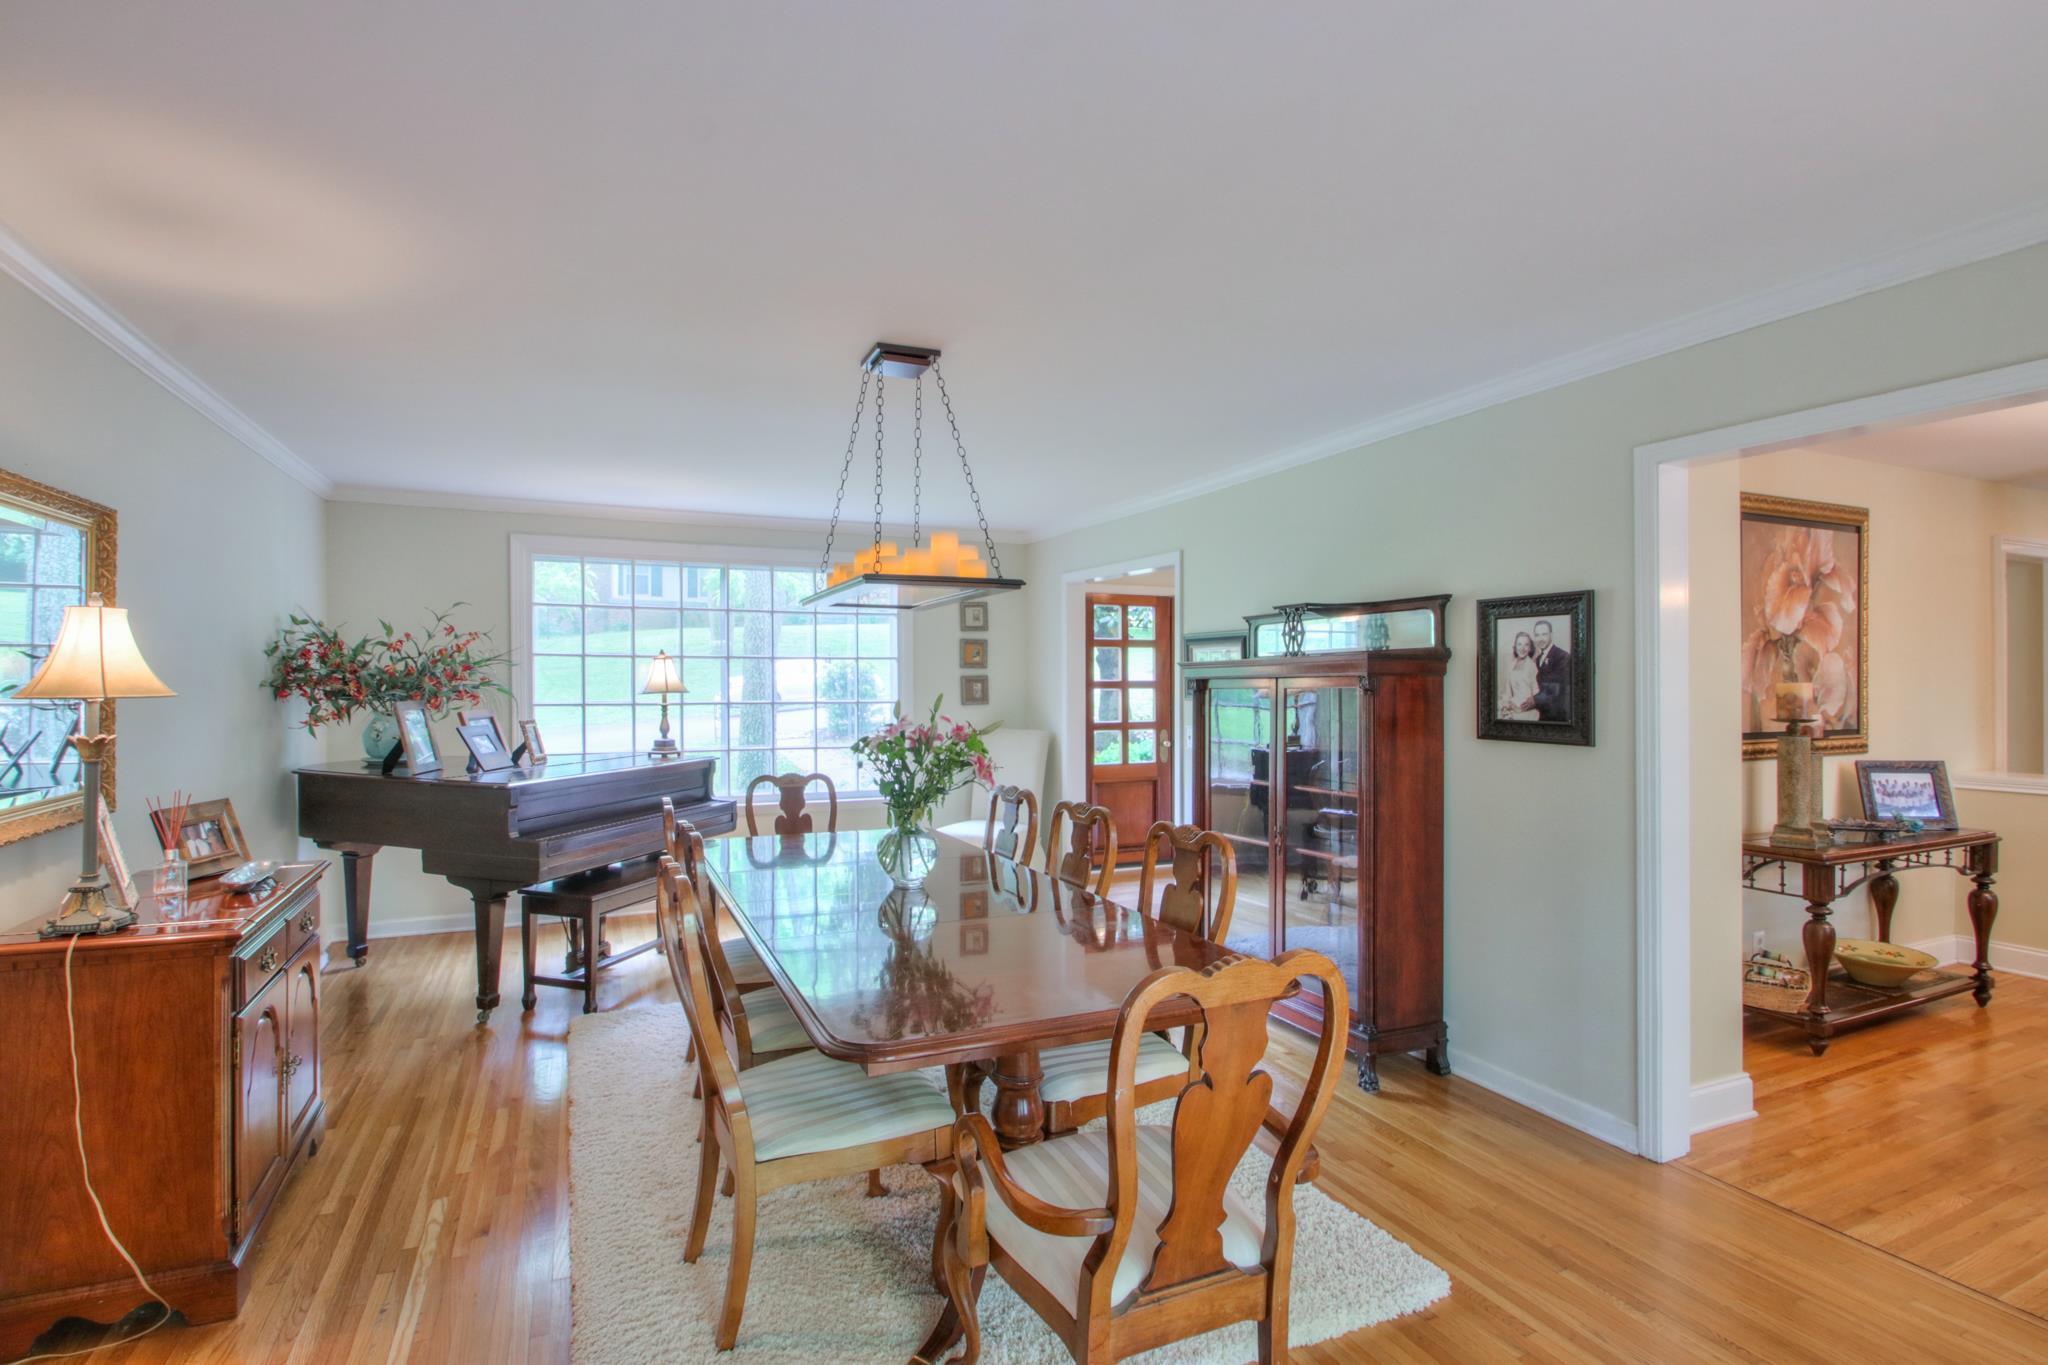 $514,900 - 4Br/3Ba -  for Sale in West Meade Highlands, Nashville